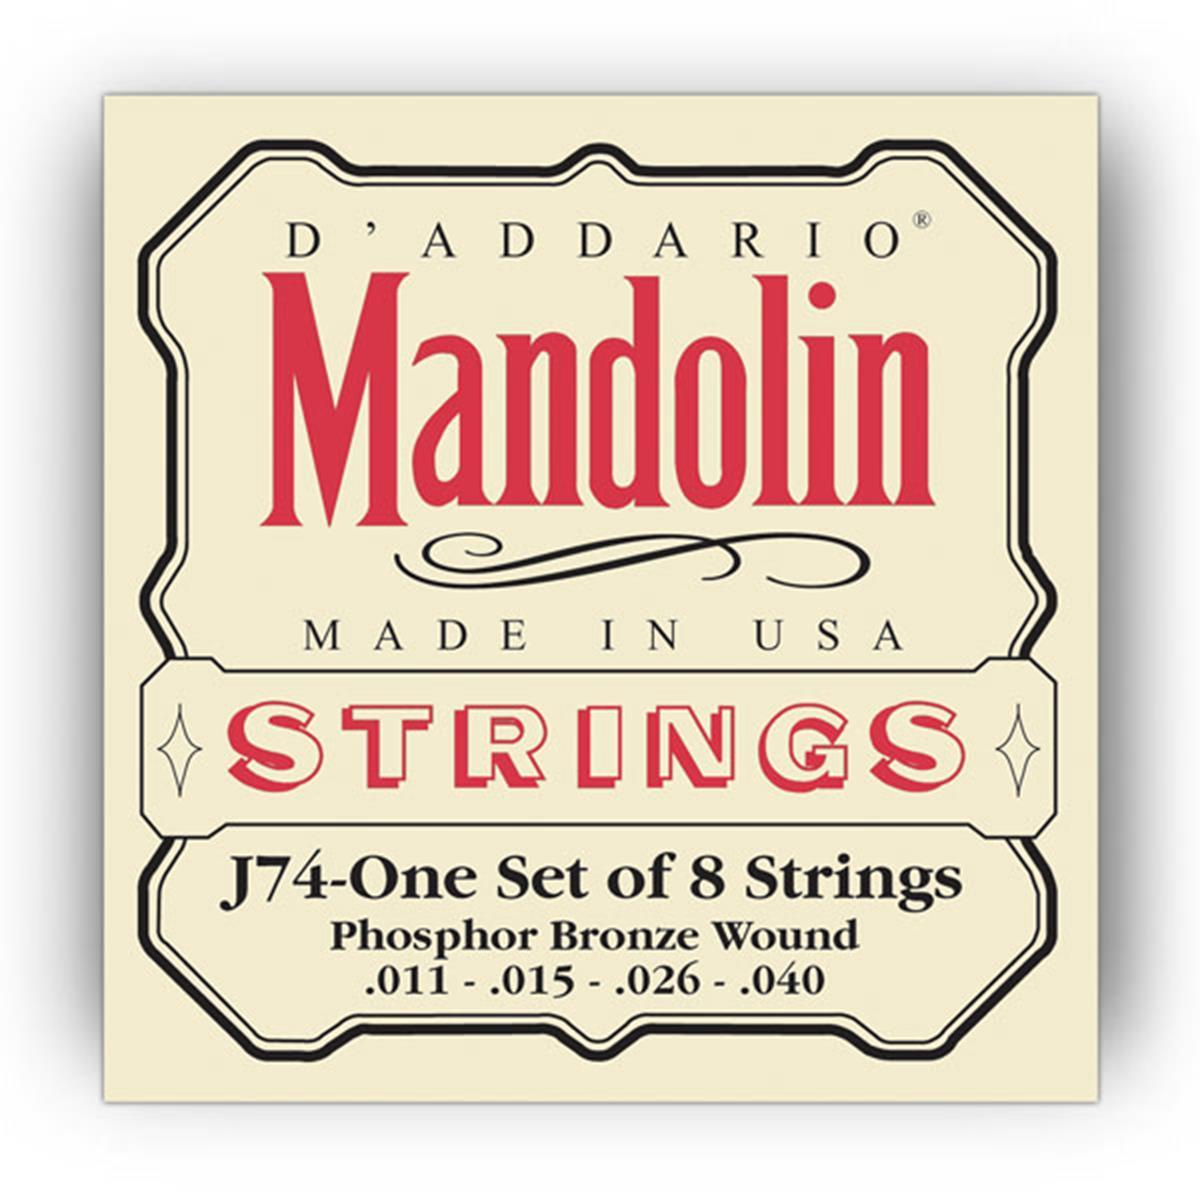 D'ADDARIO J74 J73 MUTA CORDE MANDOLINO - Strumenti A Corda Strumenti a Corda - Corde e Accessori